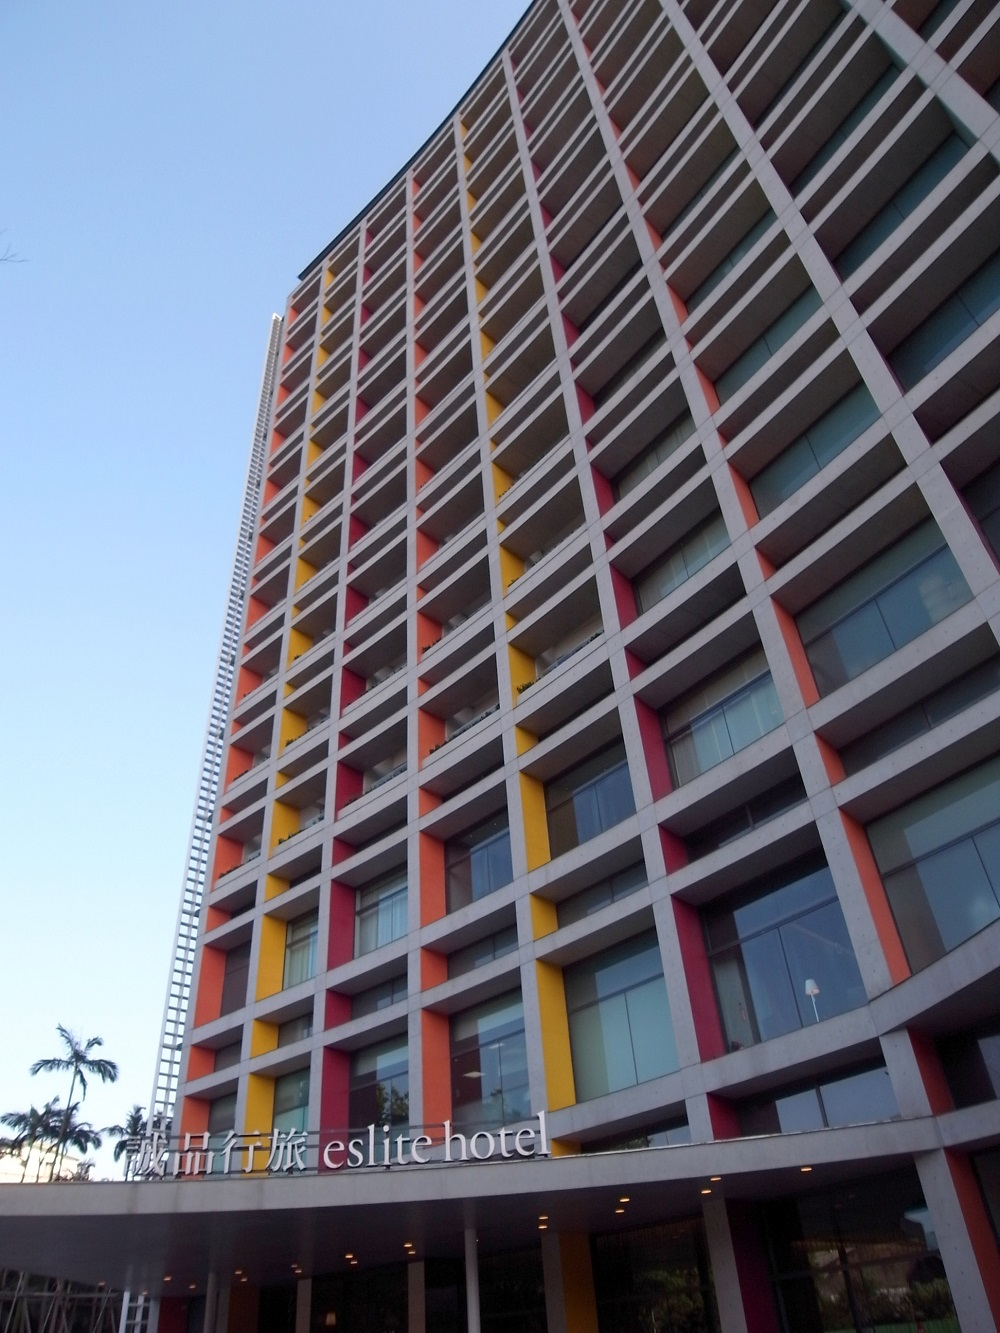 建築家・伊東豊雄による美しい曲線が特徴の建築。